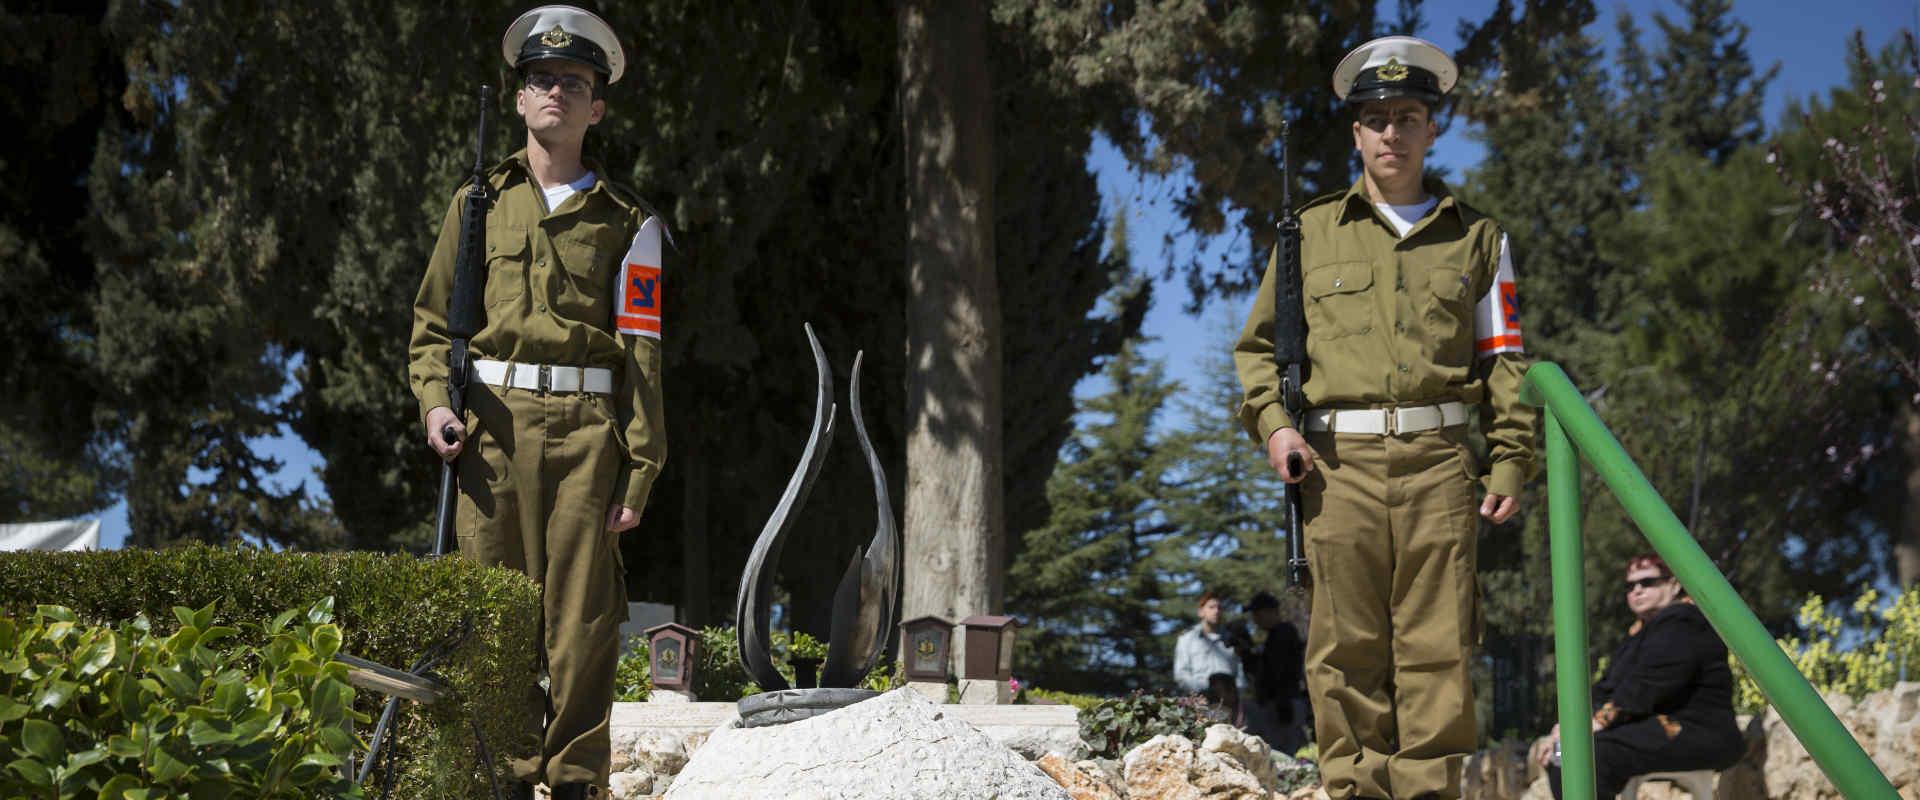 קבורה צבאית